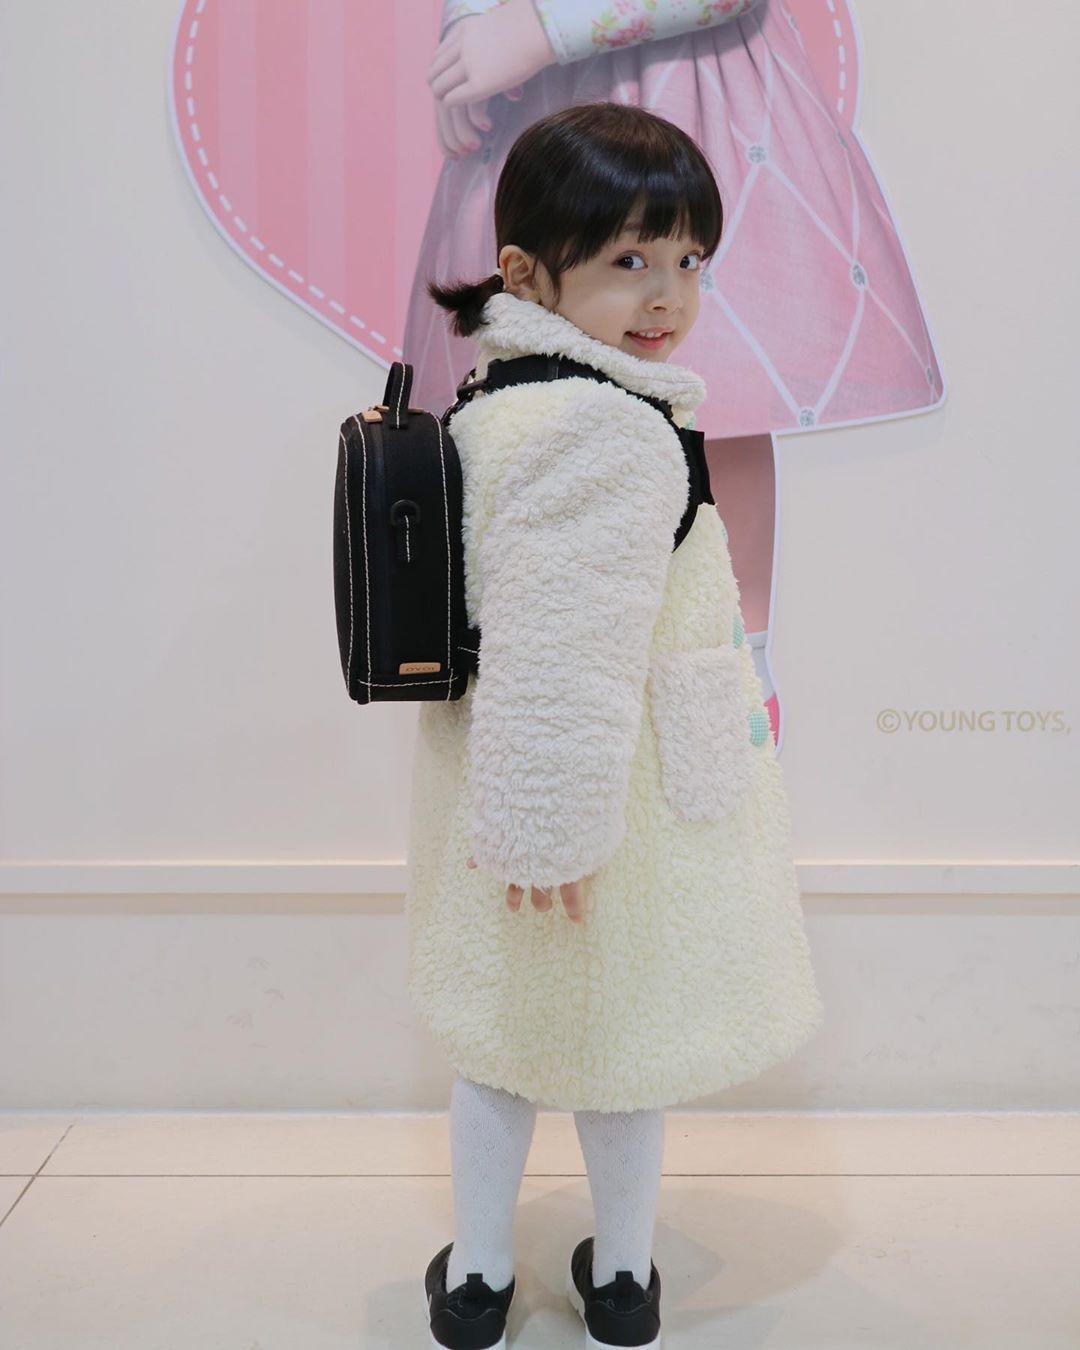 金泰熙主演韩剧《你好妈妈,再见!》惹争议,让小男孩扮演女生引发韩国网友批评插图(4)